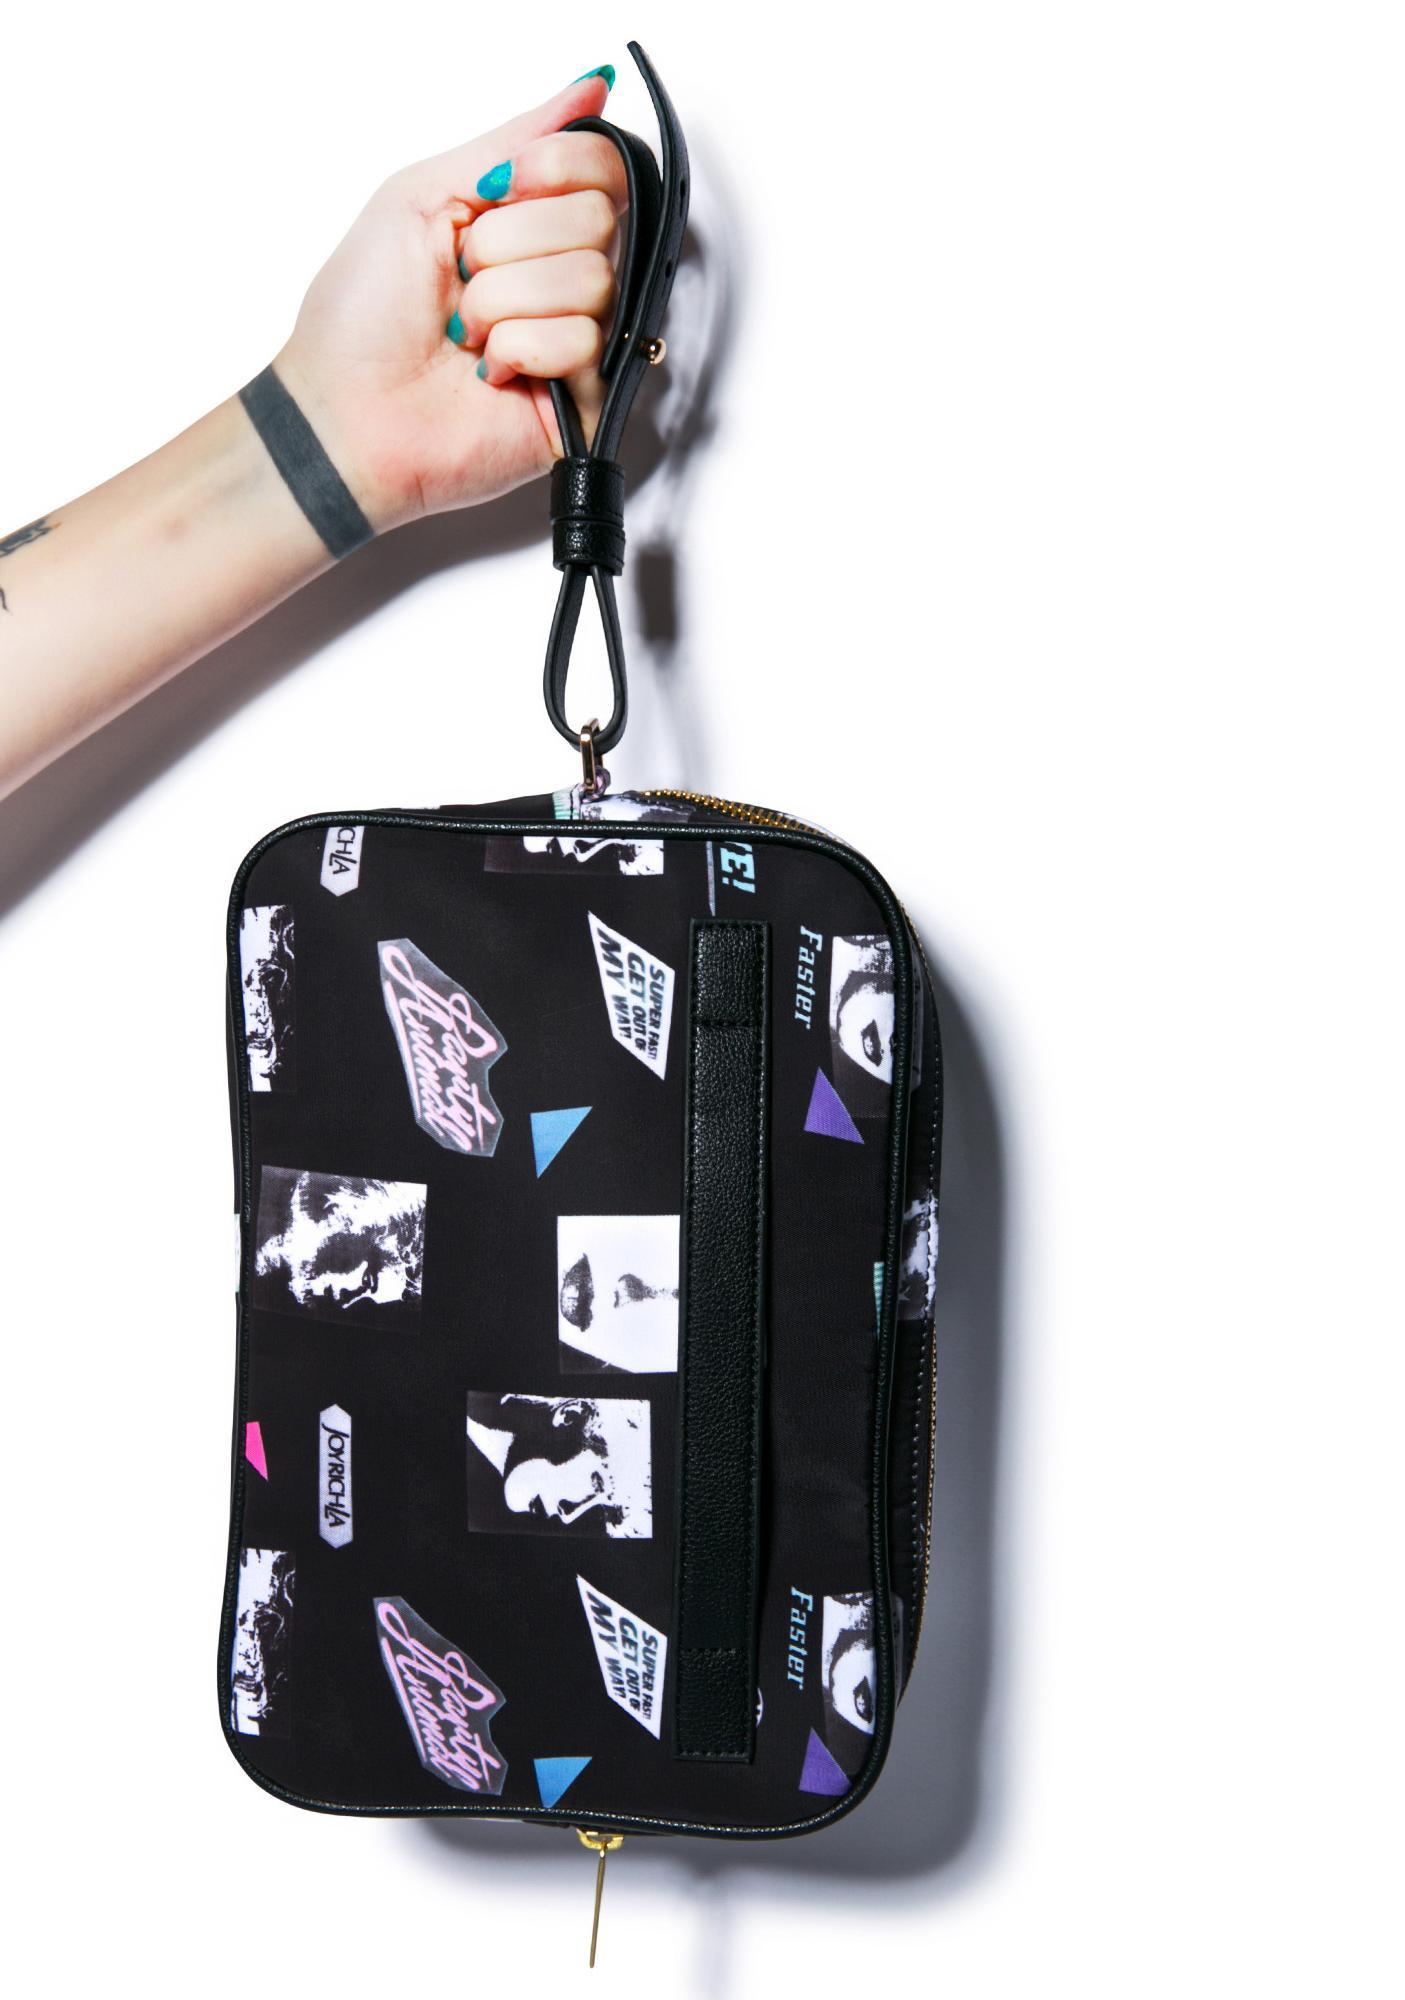 Joyrich Editorial Map Wrist Bag